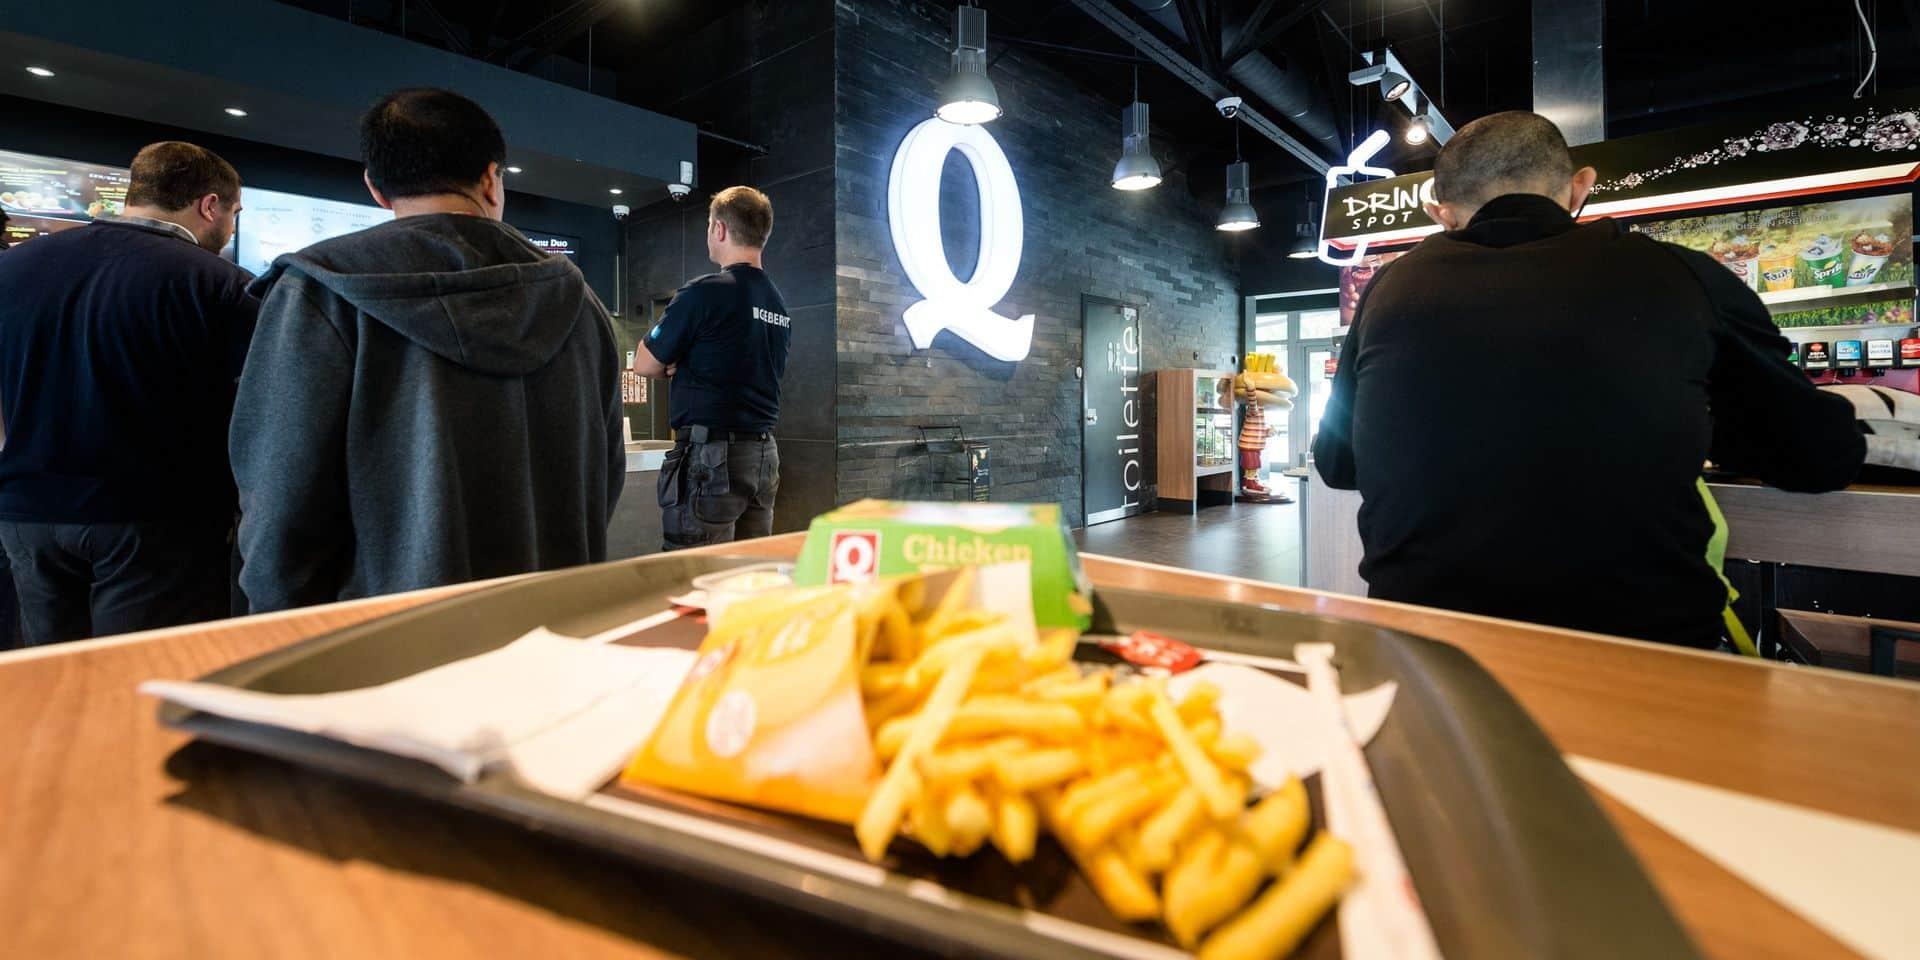 Quick, Burger King et McDonald's ferment toutes leurs activités, y compris la livraison et le take away